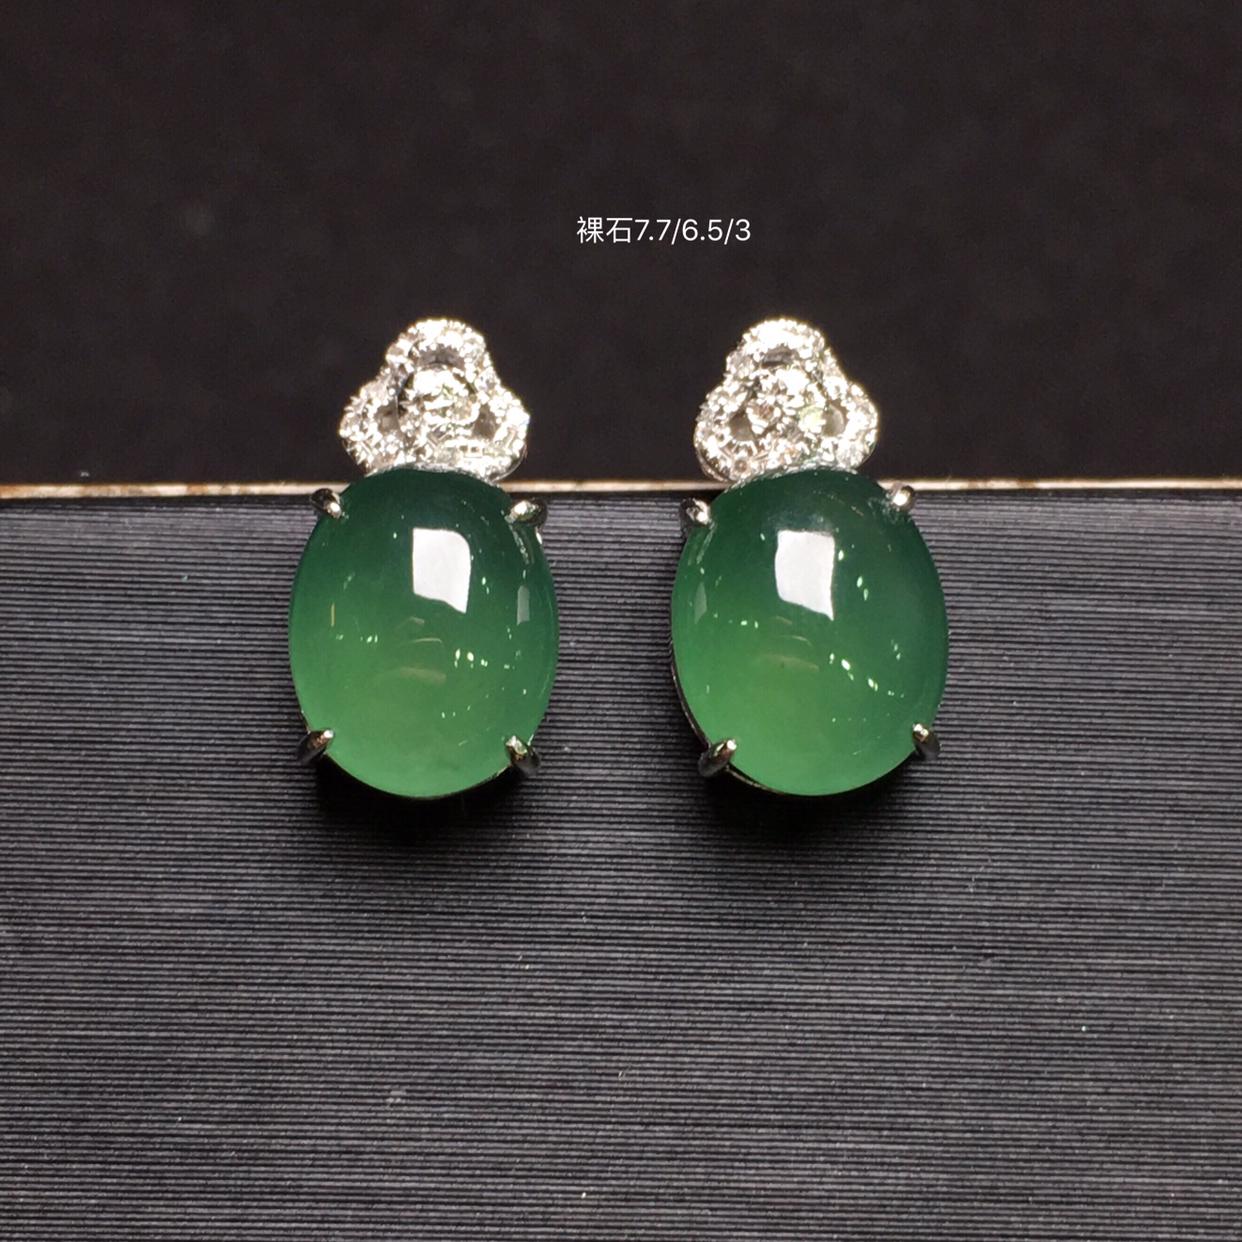 晴水蛋面耳钉,18k金豪华镶钻,无纹无裂,种好色好,质量杠杠的,性价比超高